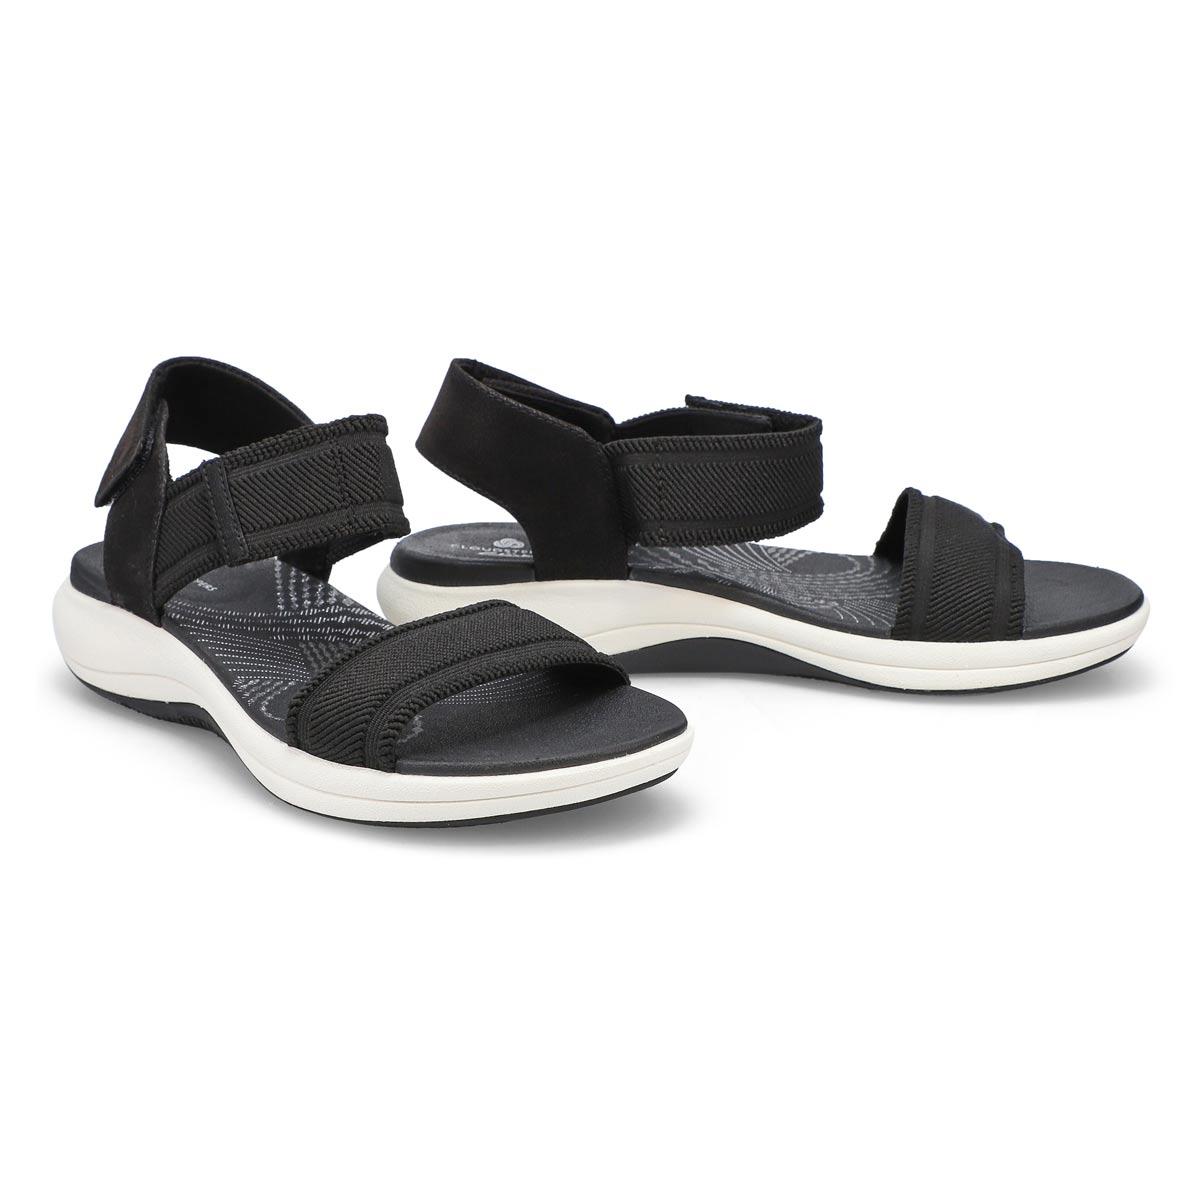 Women's Mira Sea Sandal - Black